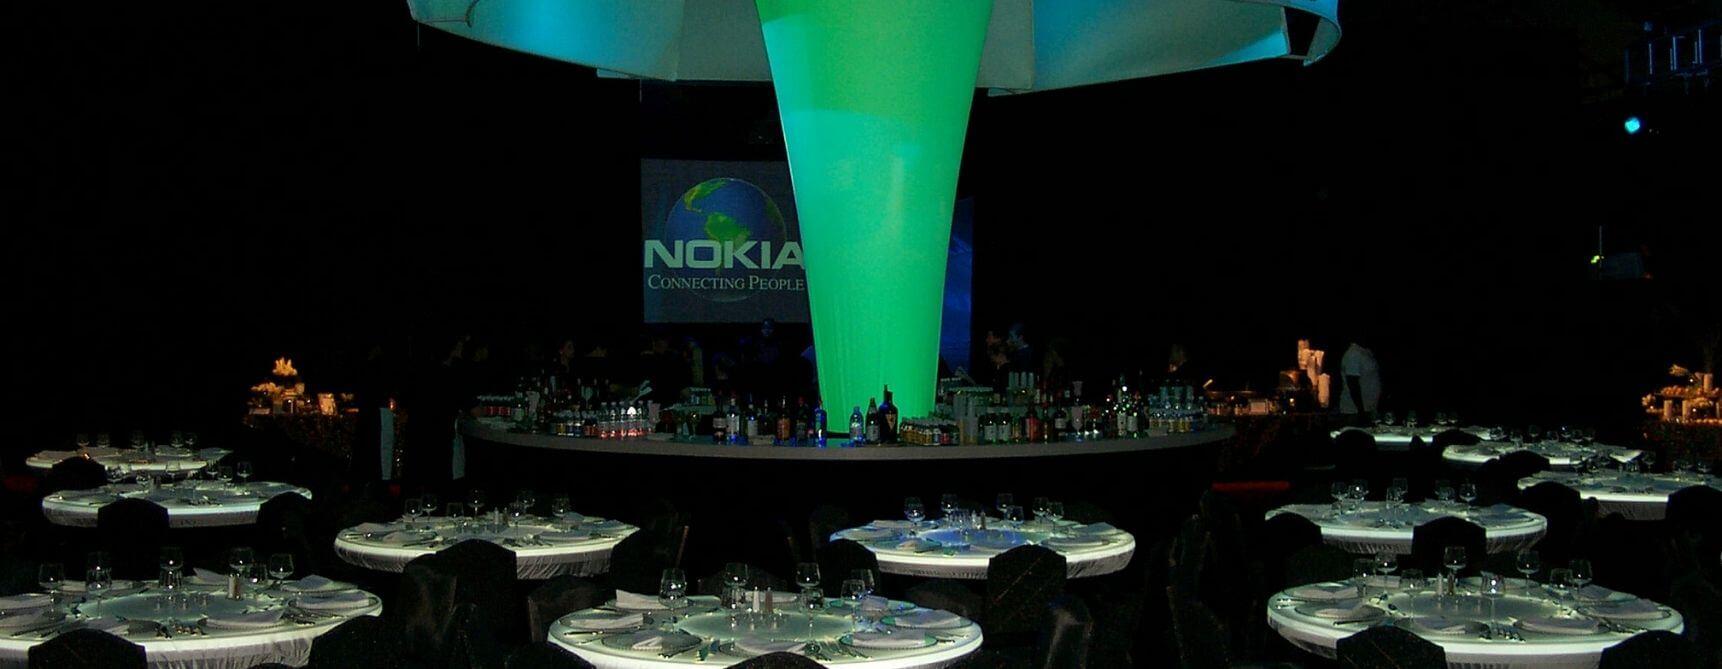 4 Nokia Marketing Event